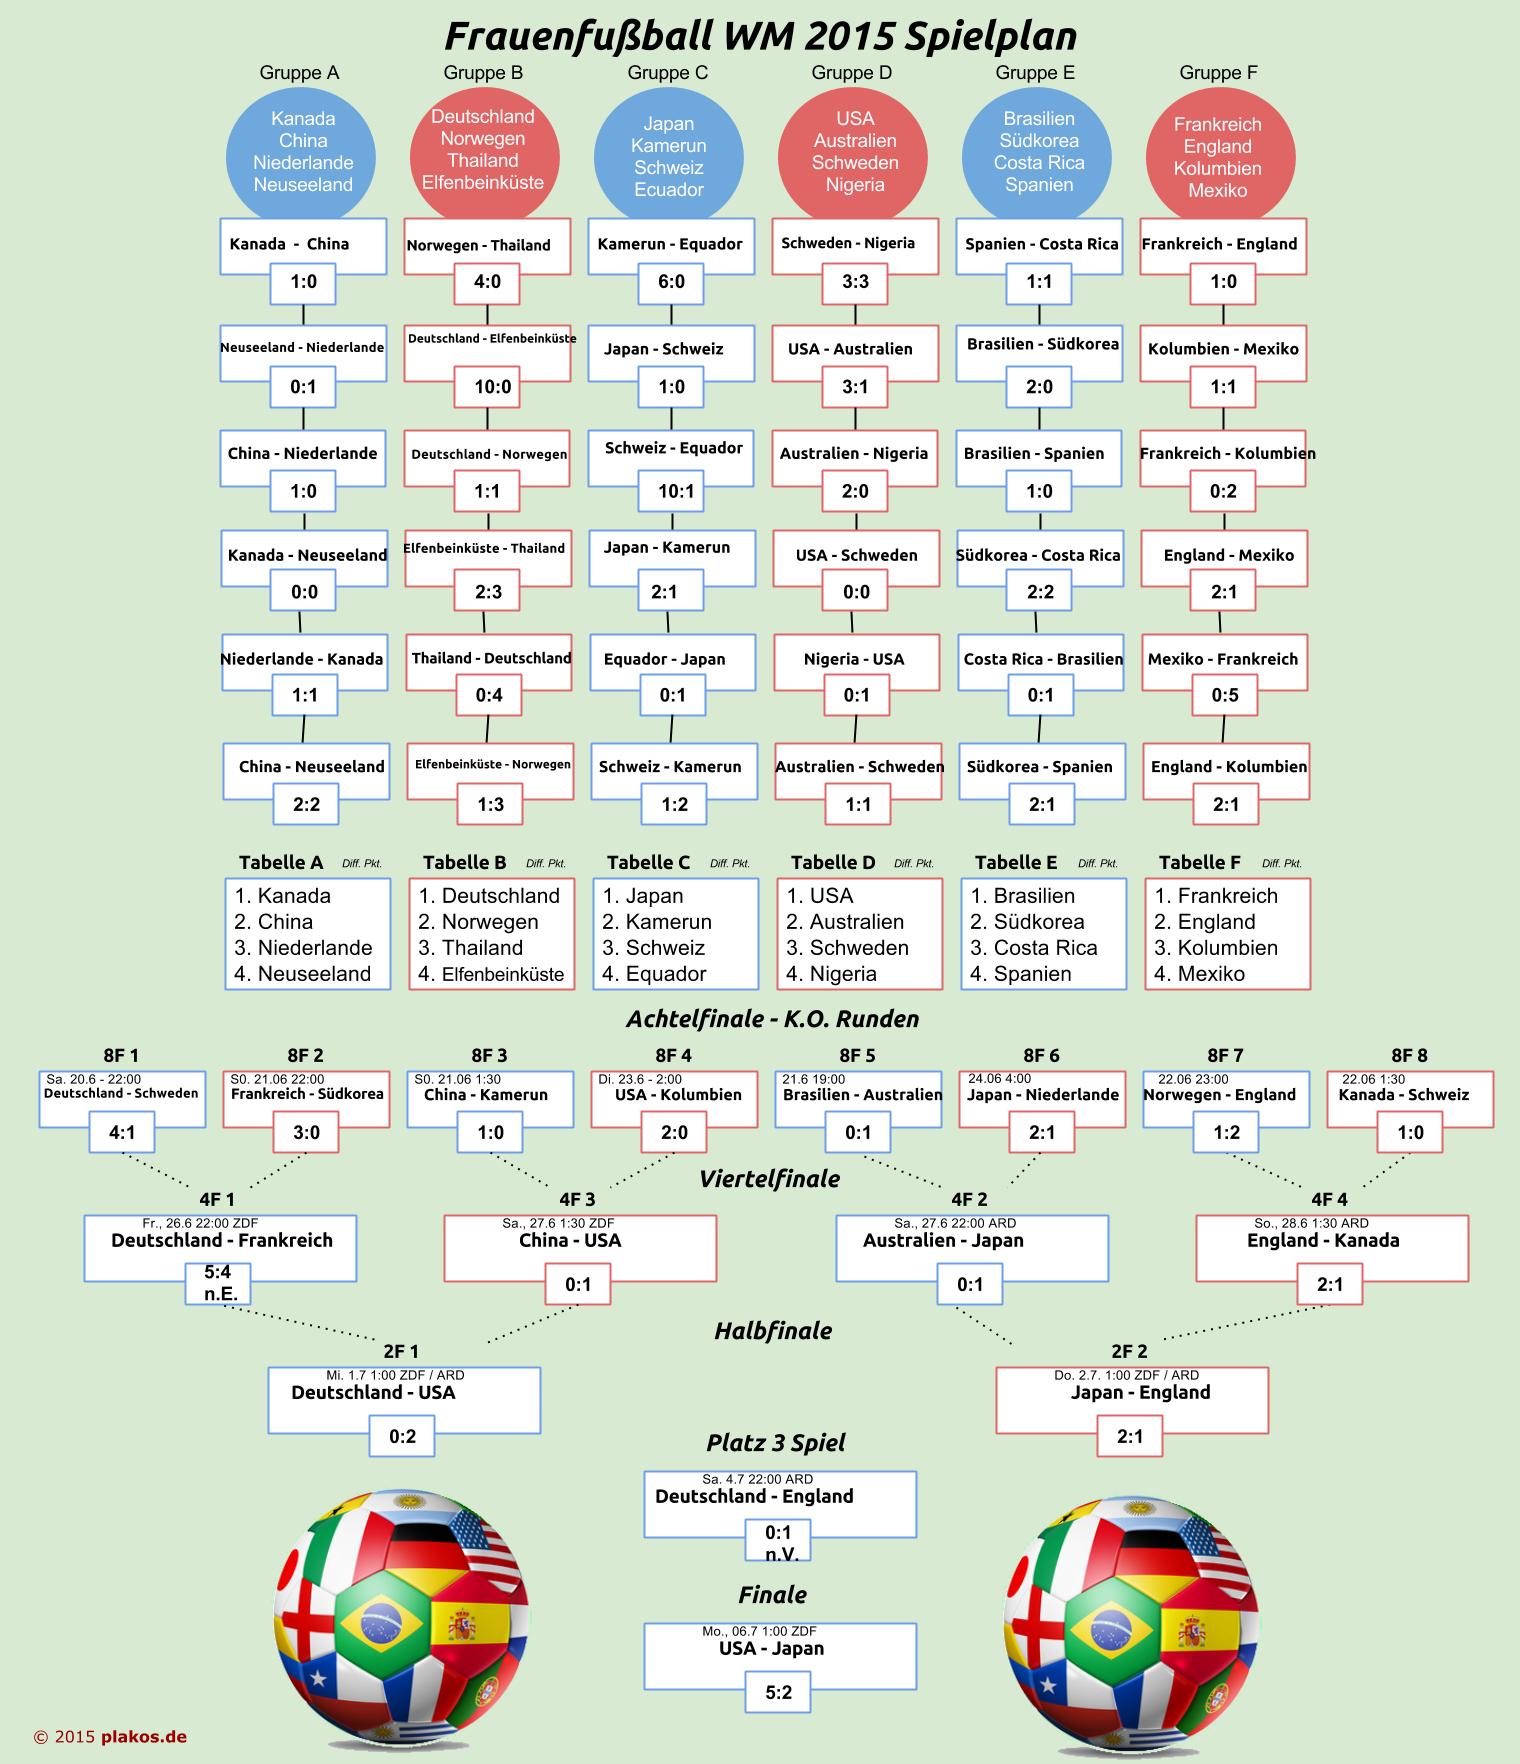 Frauenfußball Wm Tabelle